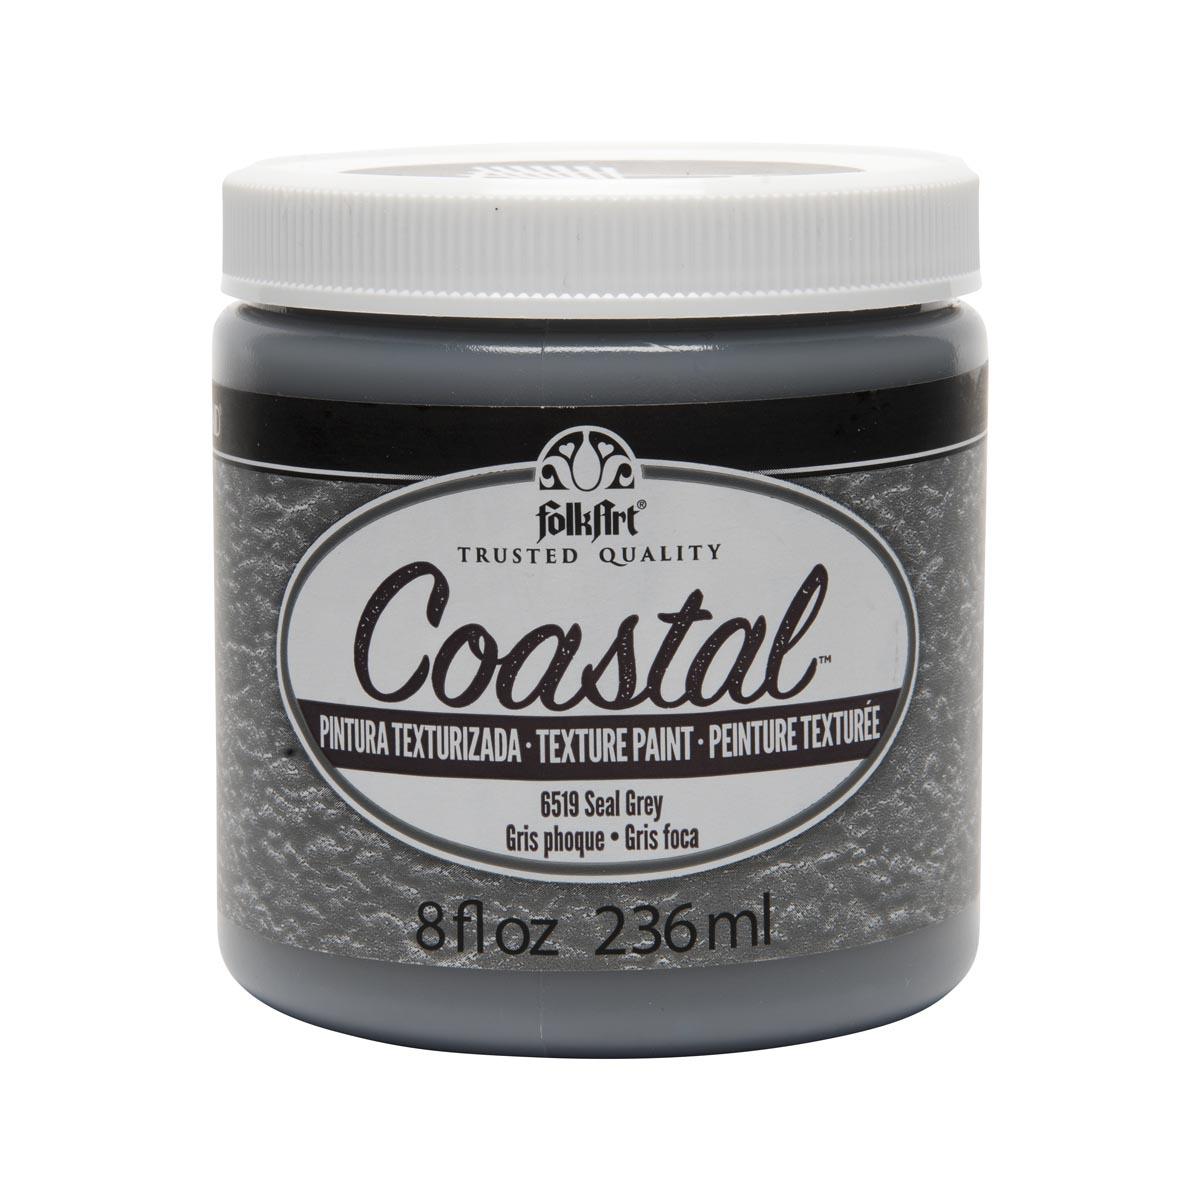 FolkArt ® Coastal™ Texture Paint - Seal Grey, 8 oz.